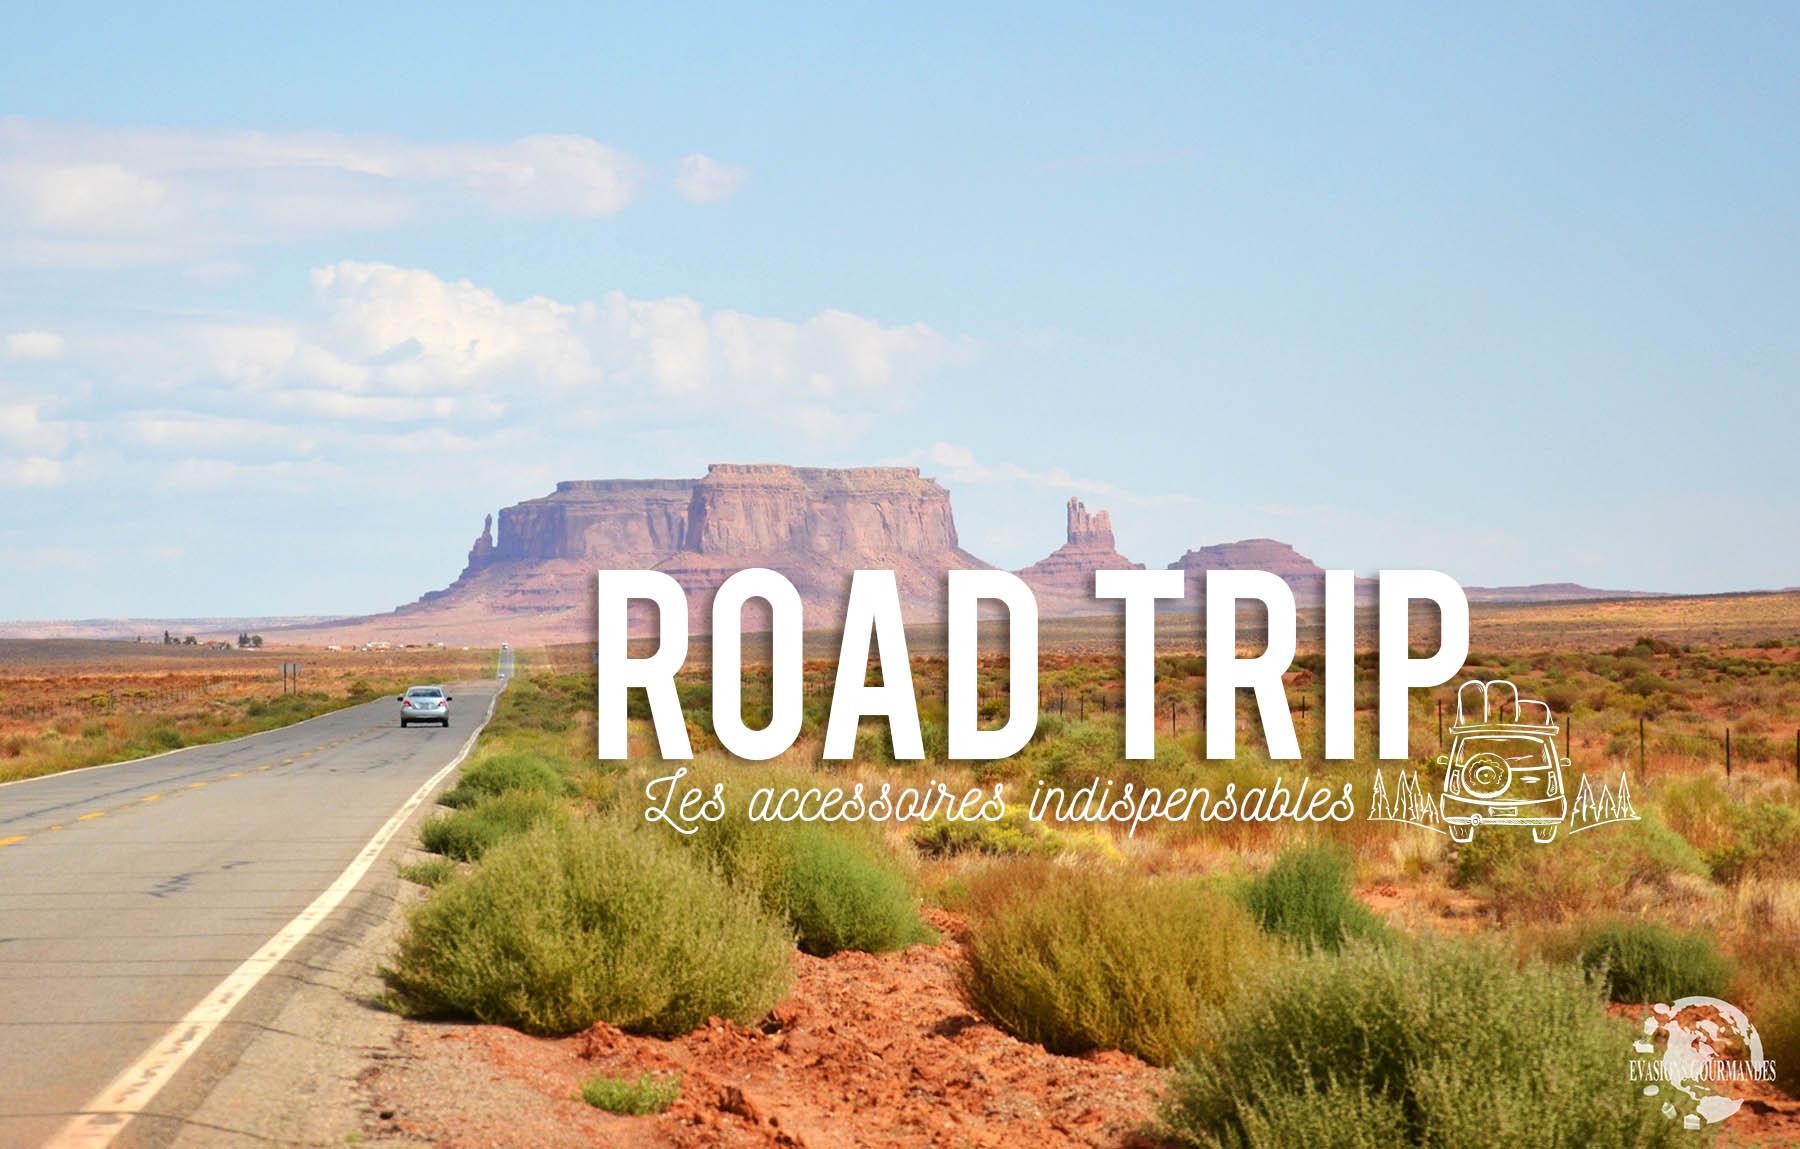 Accessoires indispensables road trip